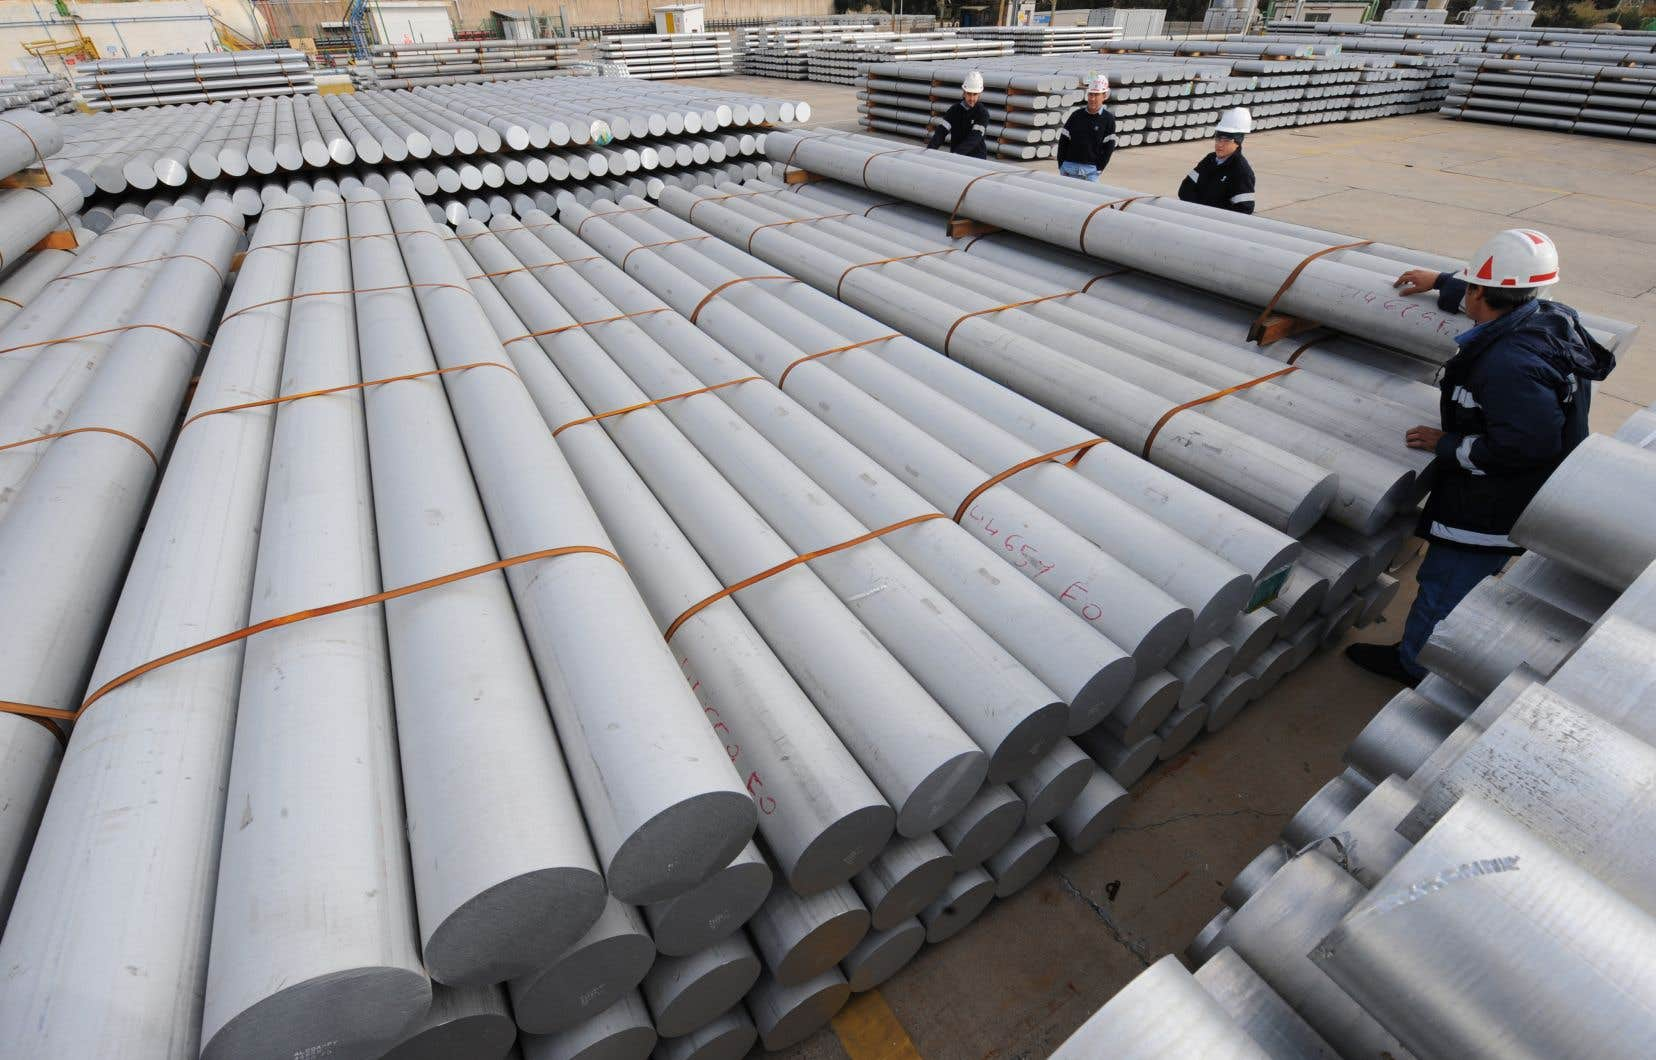 Le patron de la division de l'aluminium souhaite que le gouvernement américain ne mette pas fin à l'exemption du Canada pour les tarifs sur l'aluminium et l'acier.